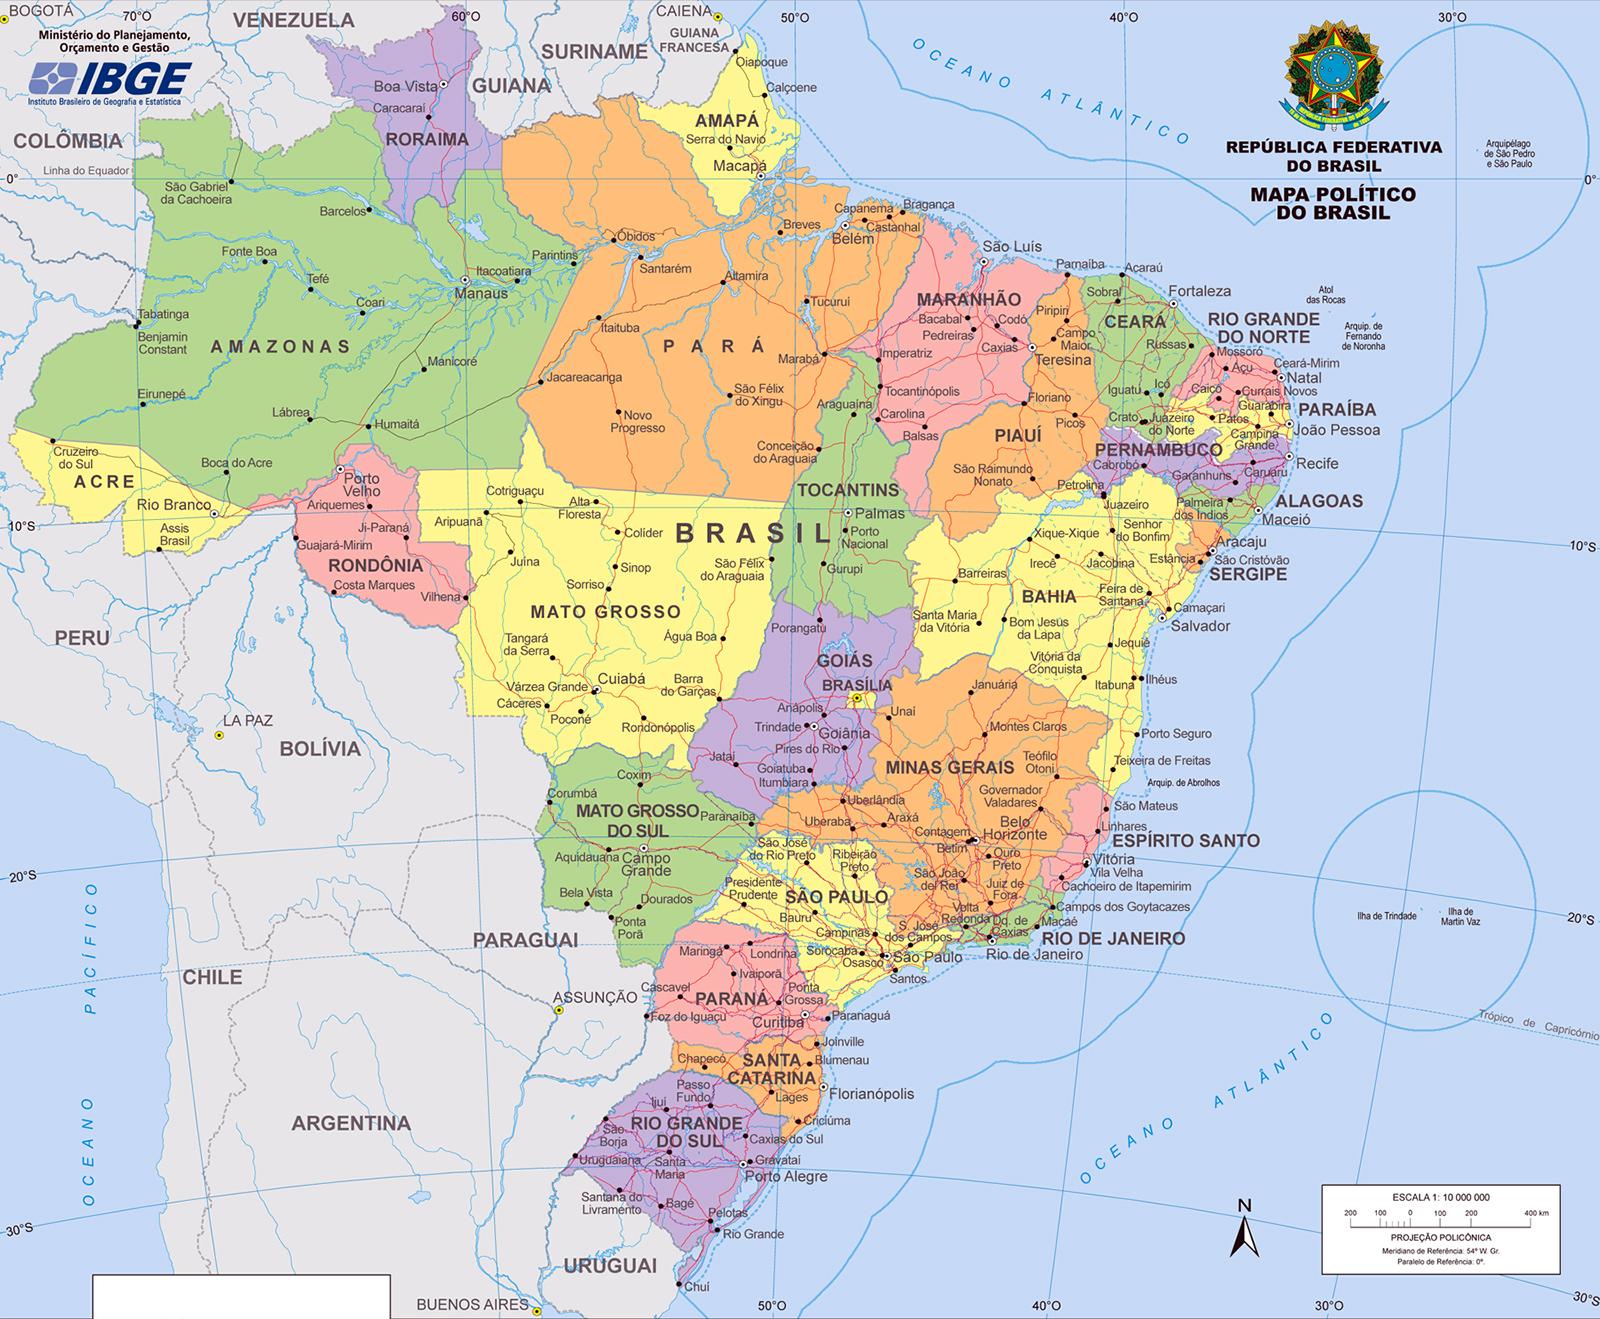 30c1579cb Mapa do Brasil, tudo sobre o Mapa do Brasil e Imagem do Mapa do Brasil